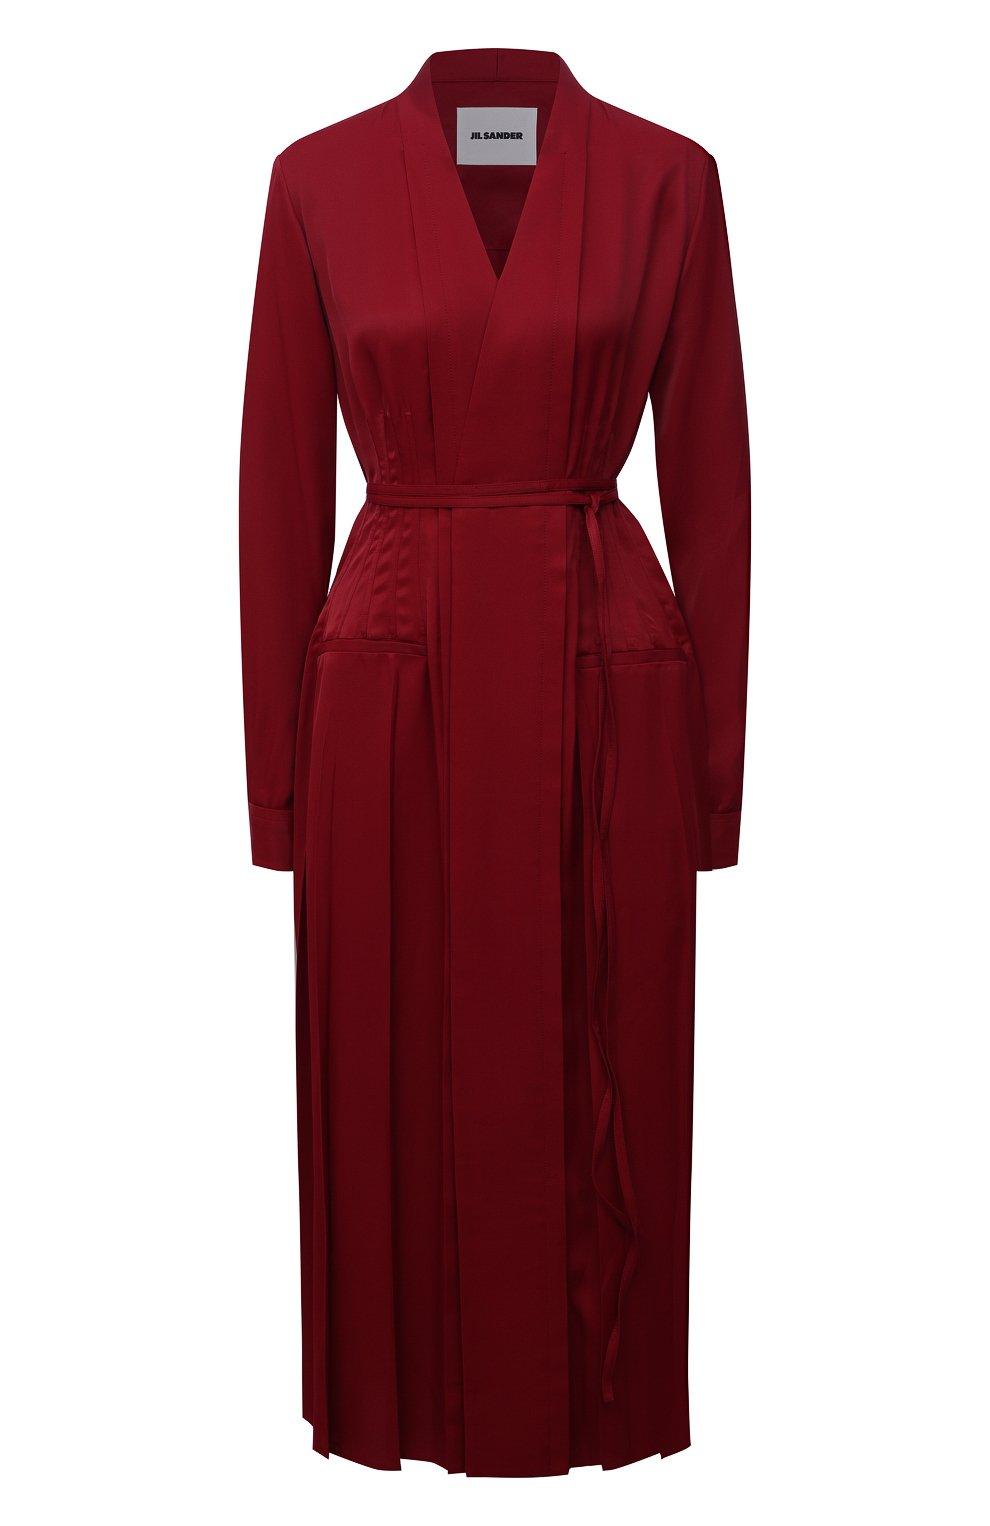 Женское платье из вискозы JIL SANDER бордового цвета, арт. JSWT506706-WT381500   Фото 1 (Рукава: Длинные; Случай: Повседневный; Длина Ж (юбки, платья, шорты): Миди; Материал внешний: Вискоза; Женское Кросс-КТ: Платье-одежда; Стили: Кэжуэл)